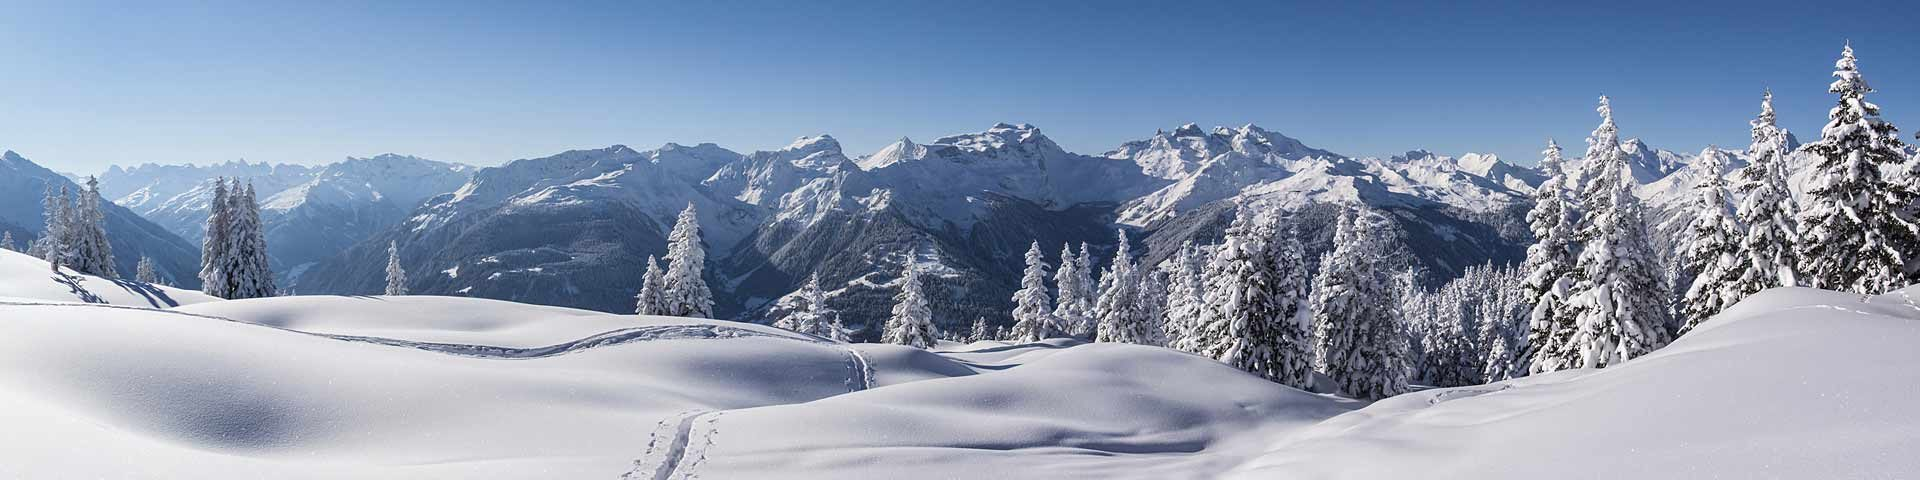 Traumhafte Wintersportmöglichkeiten